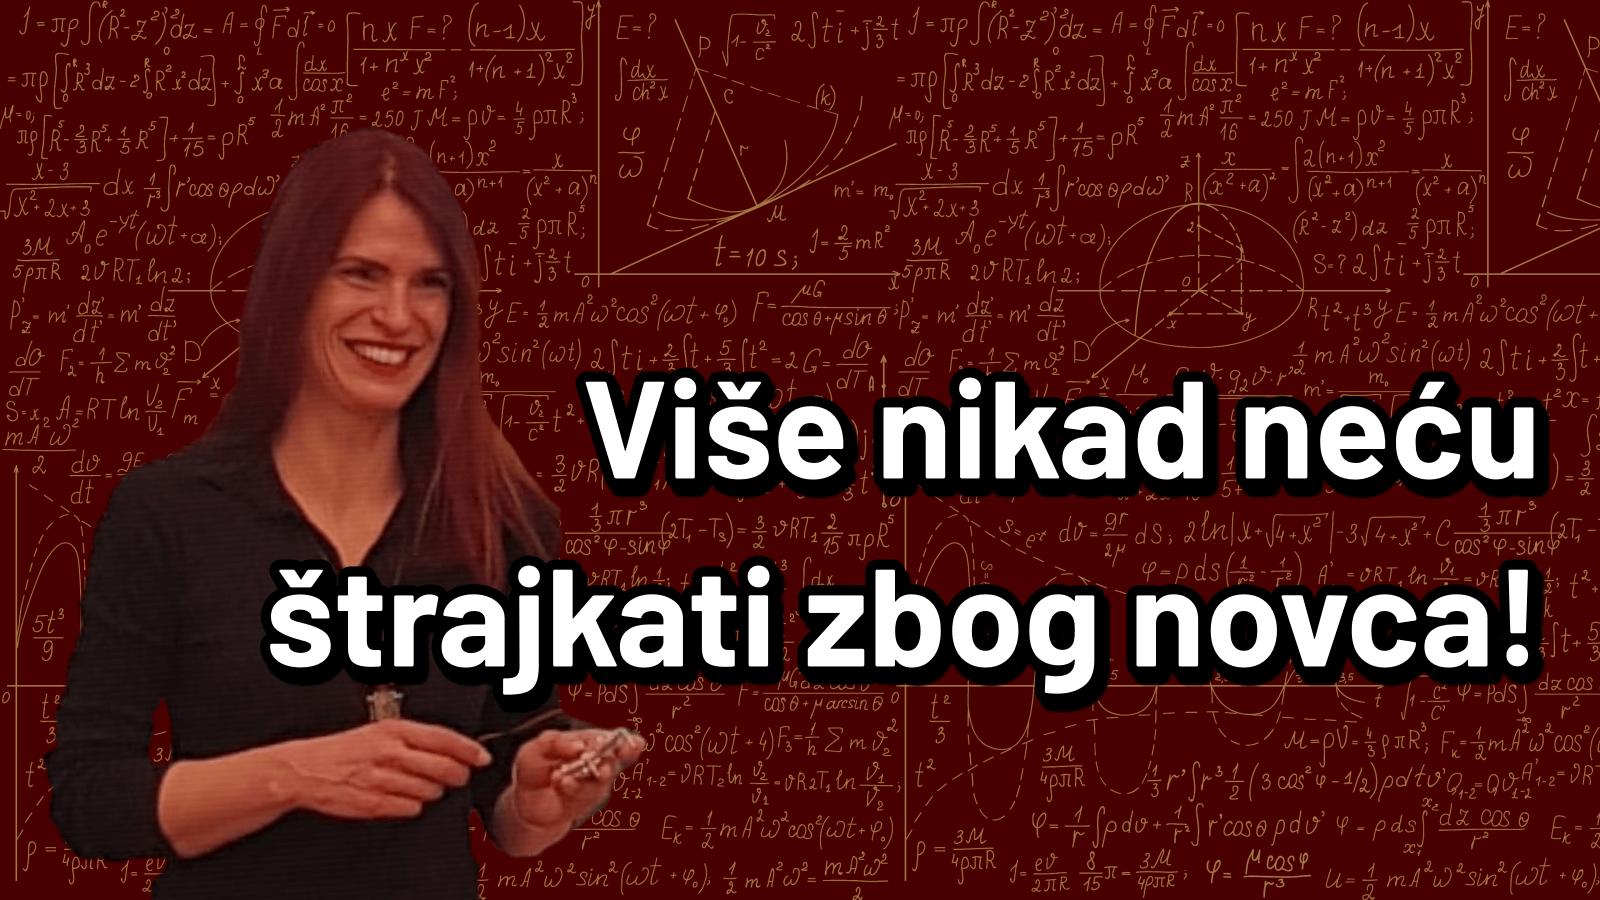 [Video] Učiteljica Marlena: 'Više nikad neću štrajkati zbog novca'